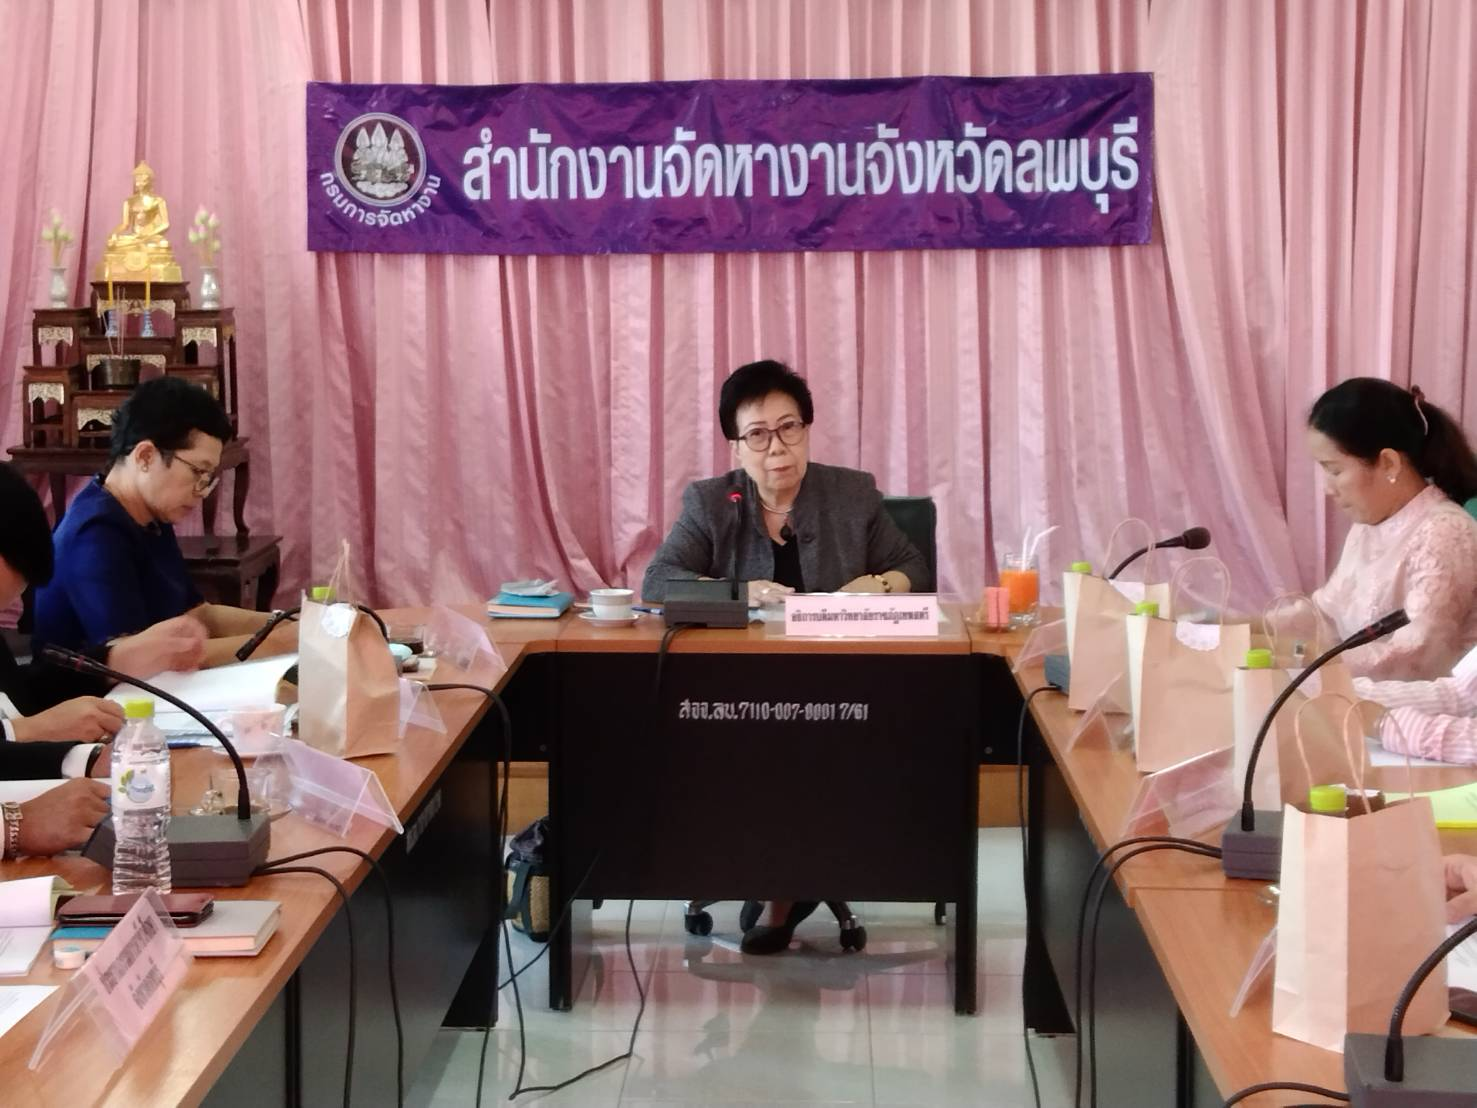 สำนักงานแรงงานจังหวัดลพบุรี ร่วมประชุมคณะทำงานบริหารจัดการ โครงการส่งเสริมการจ้างงานใหม่ ผู้จบใหม่